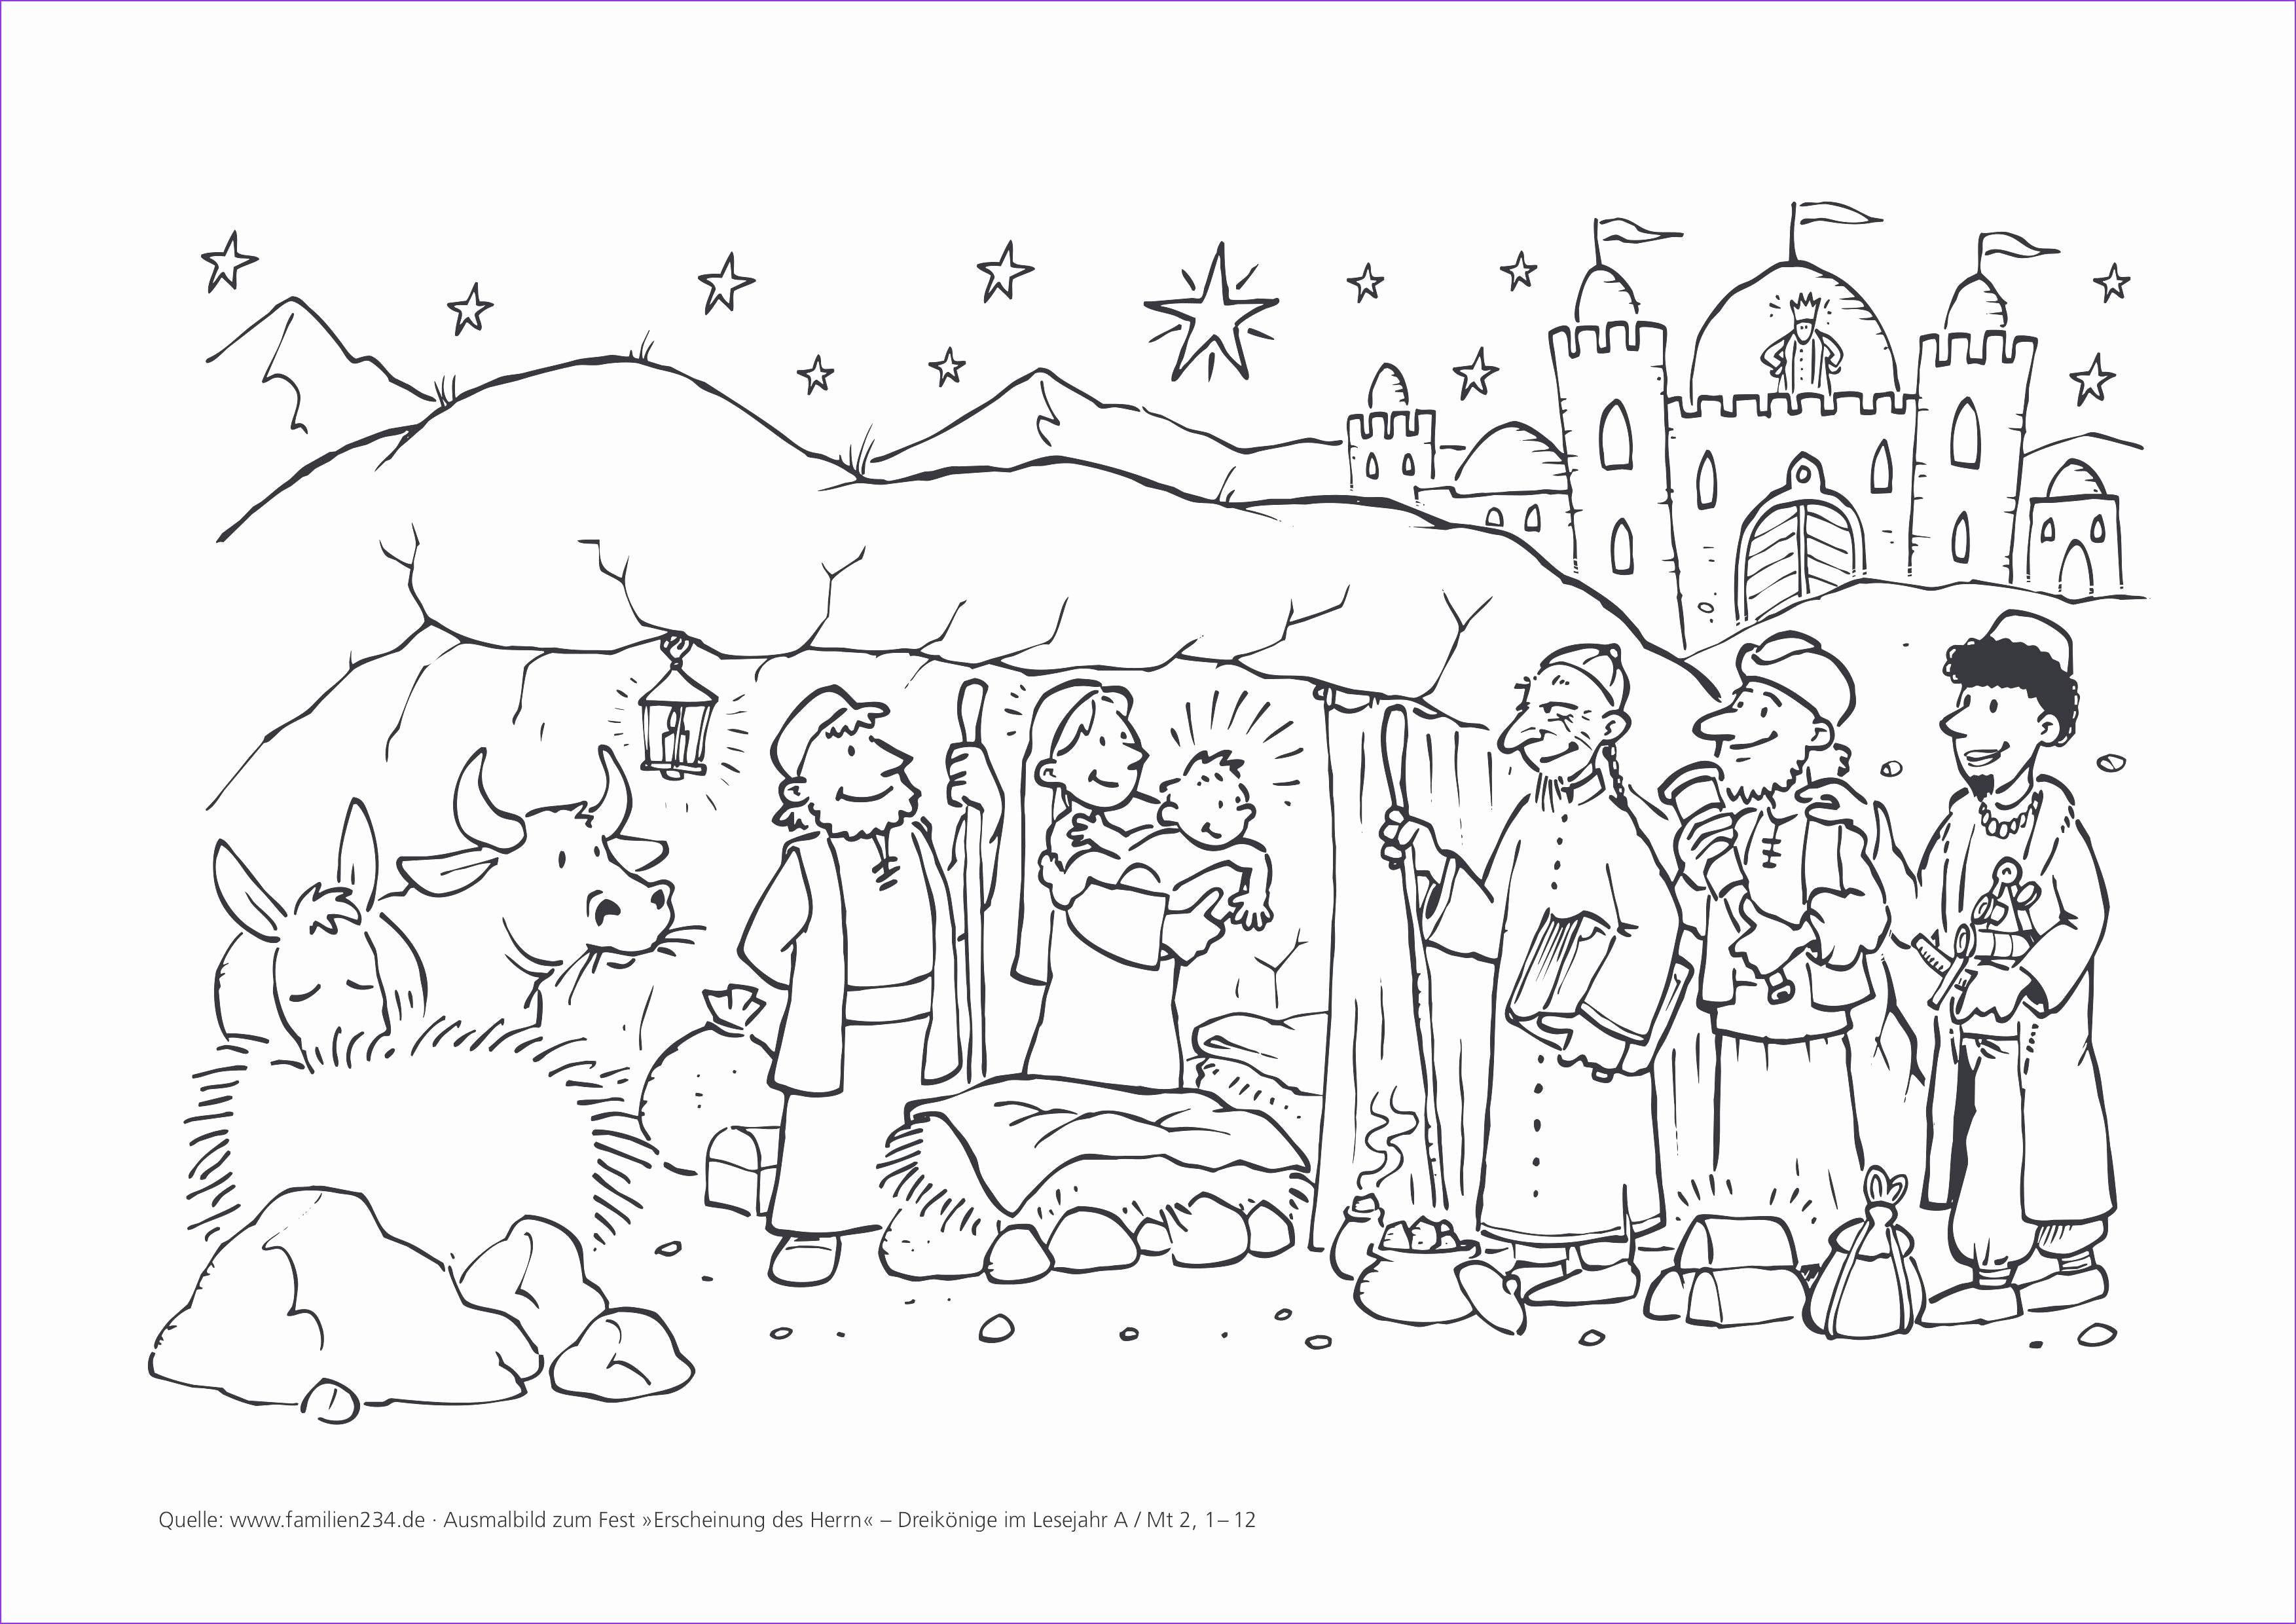 1001 Ausmalbilder Weihnachten Neu 14 Fabelhaft Barbie Spiele Haus Fotografieren